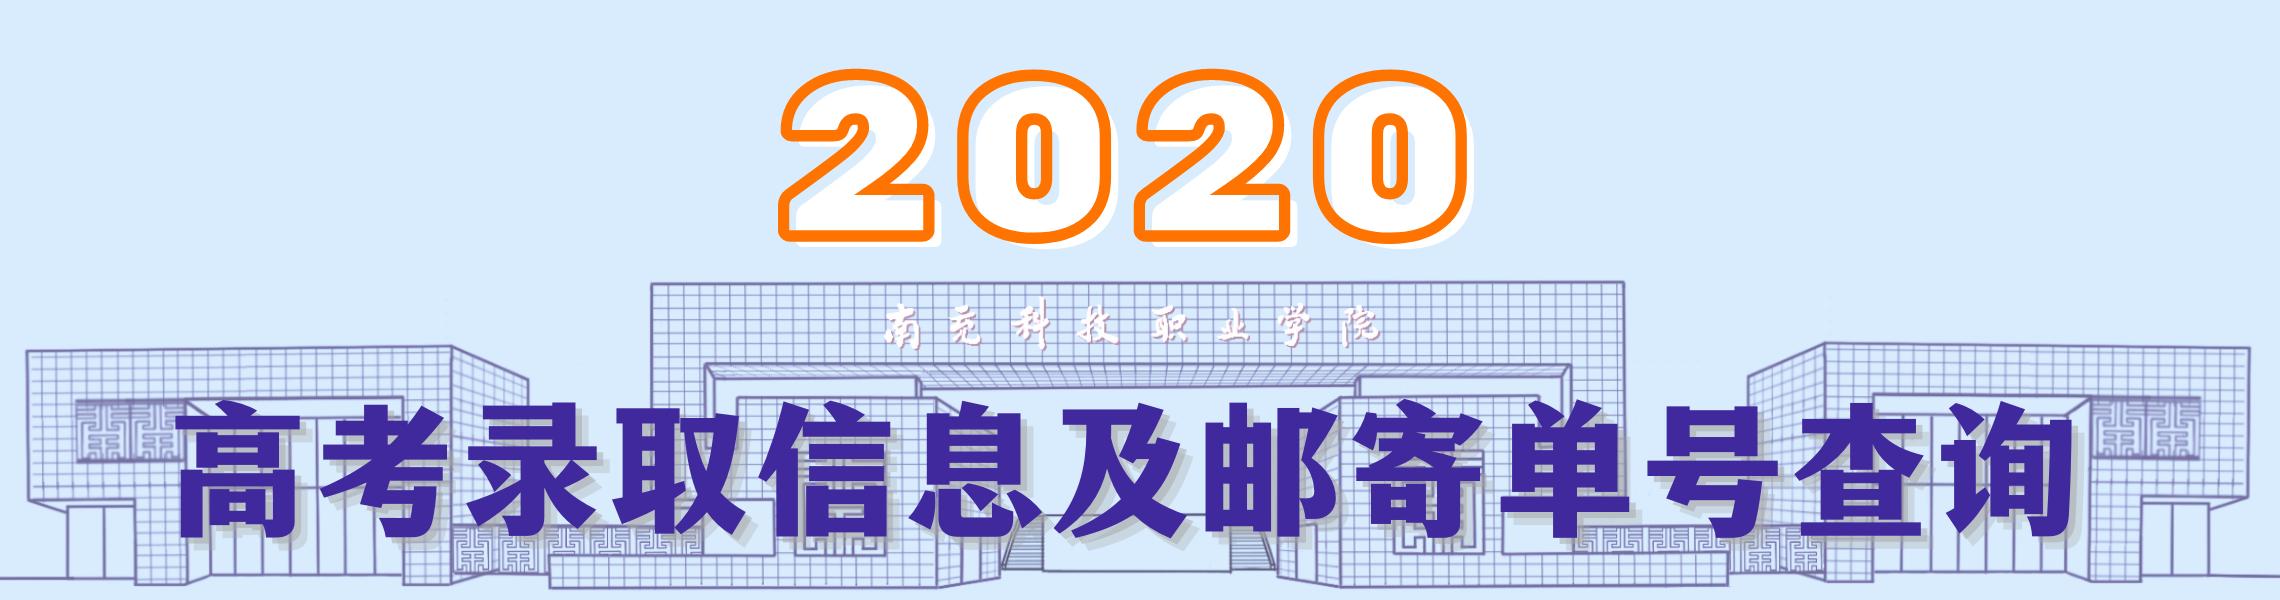 2020年高考录取信息及EMS邮寄单号查询